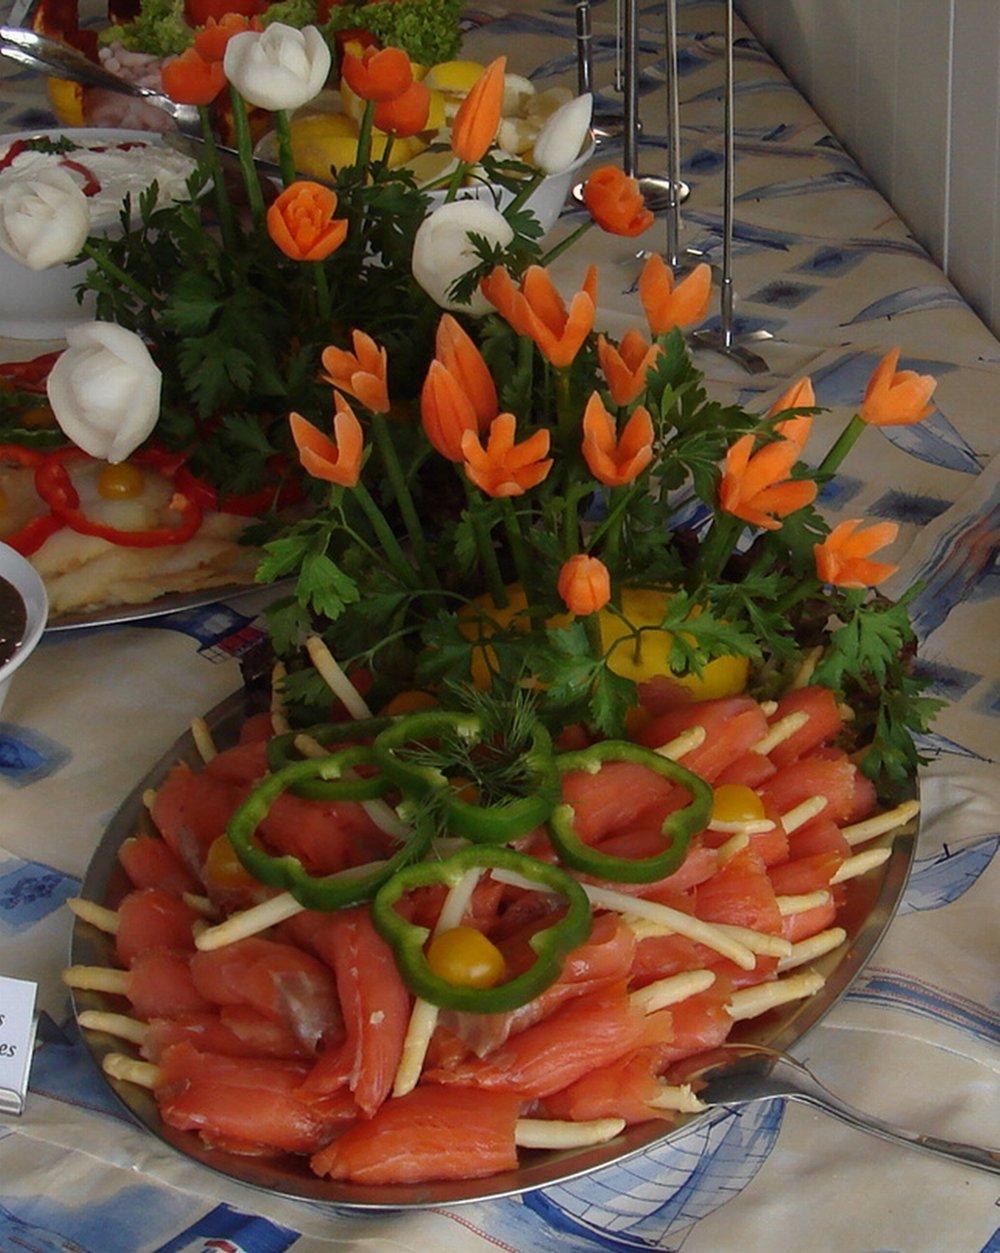 SalmonAsparagus